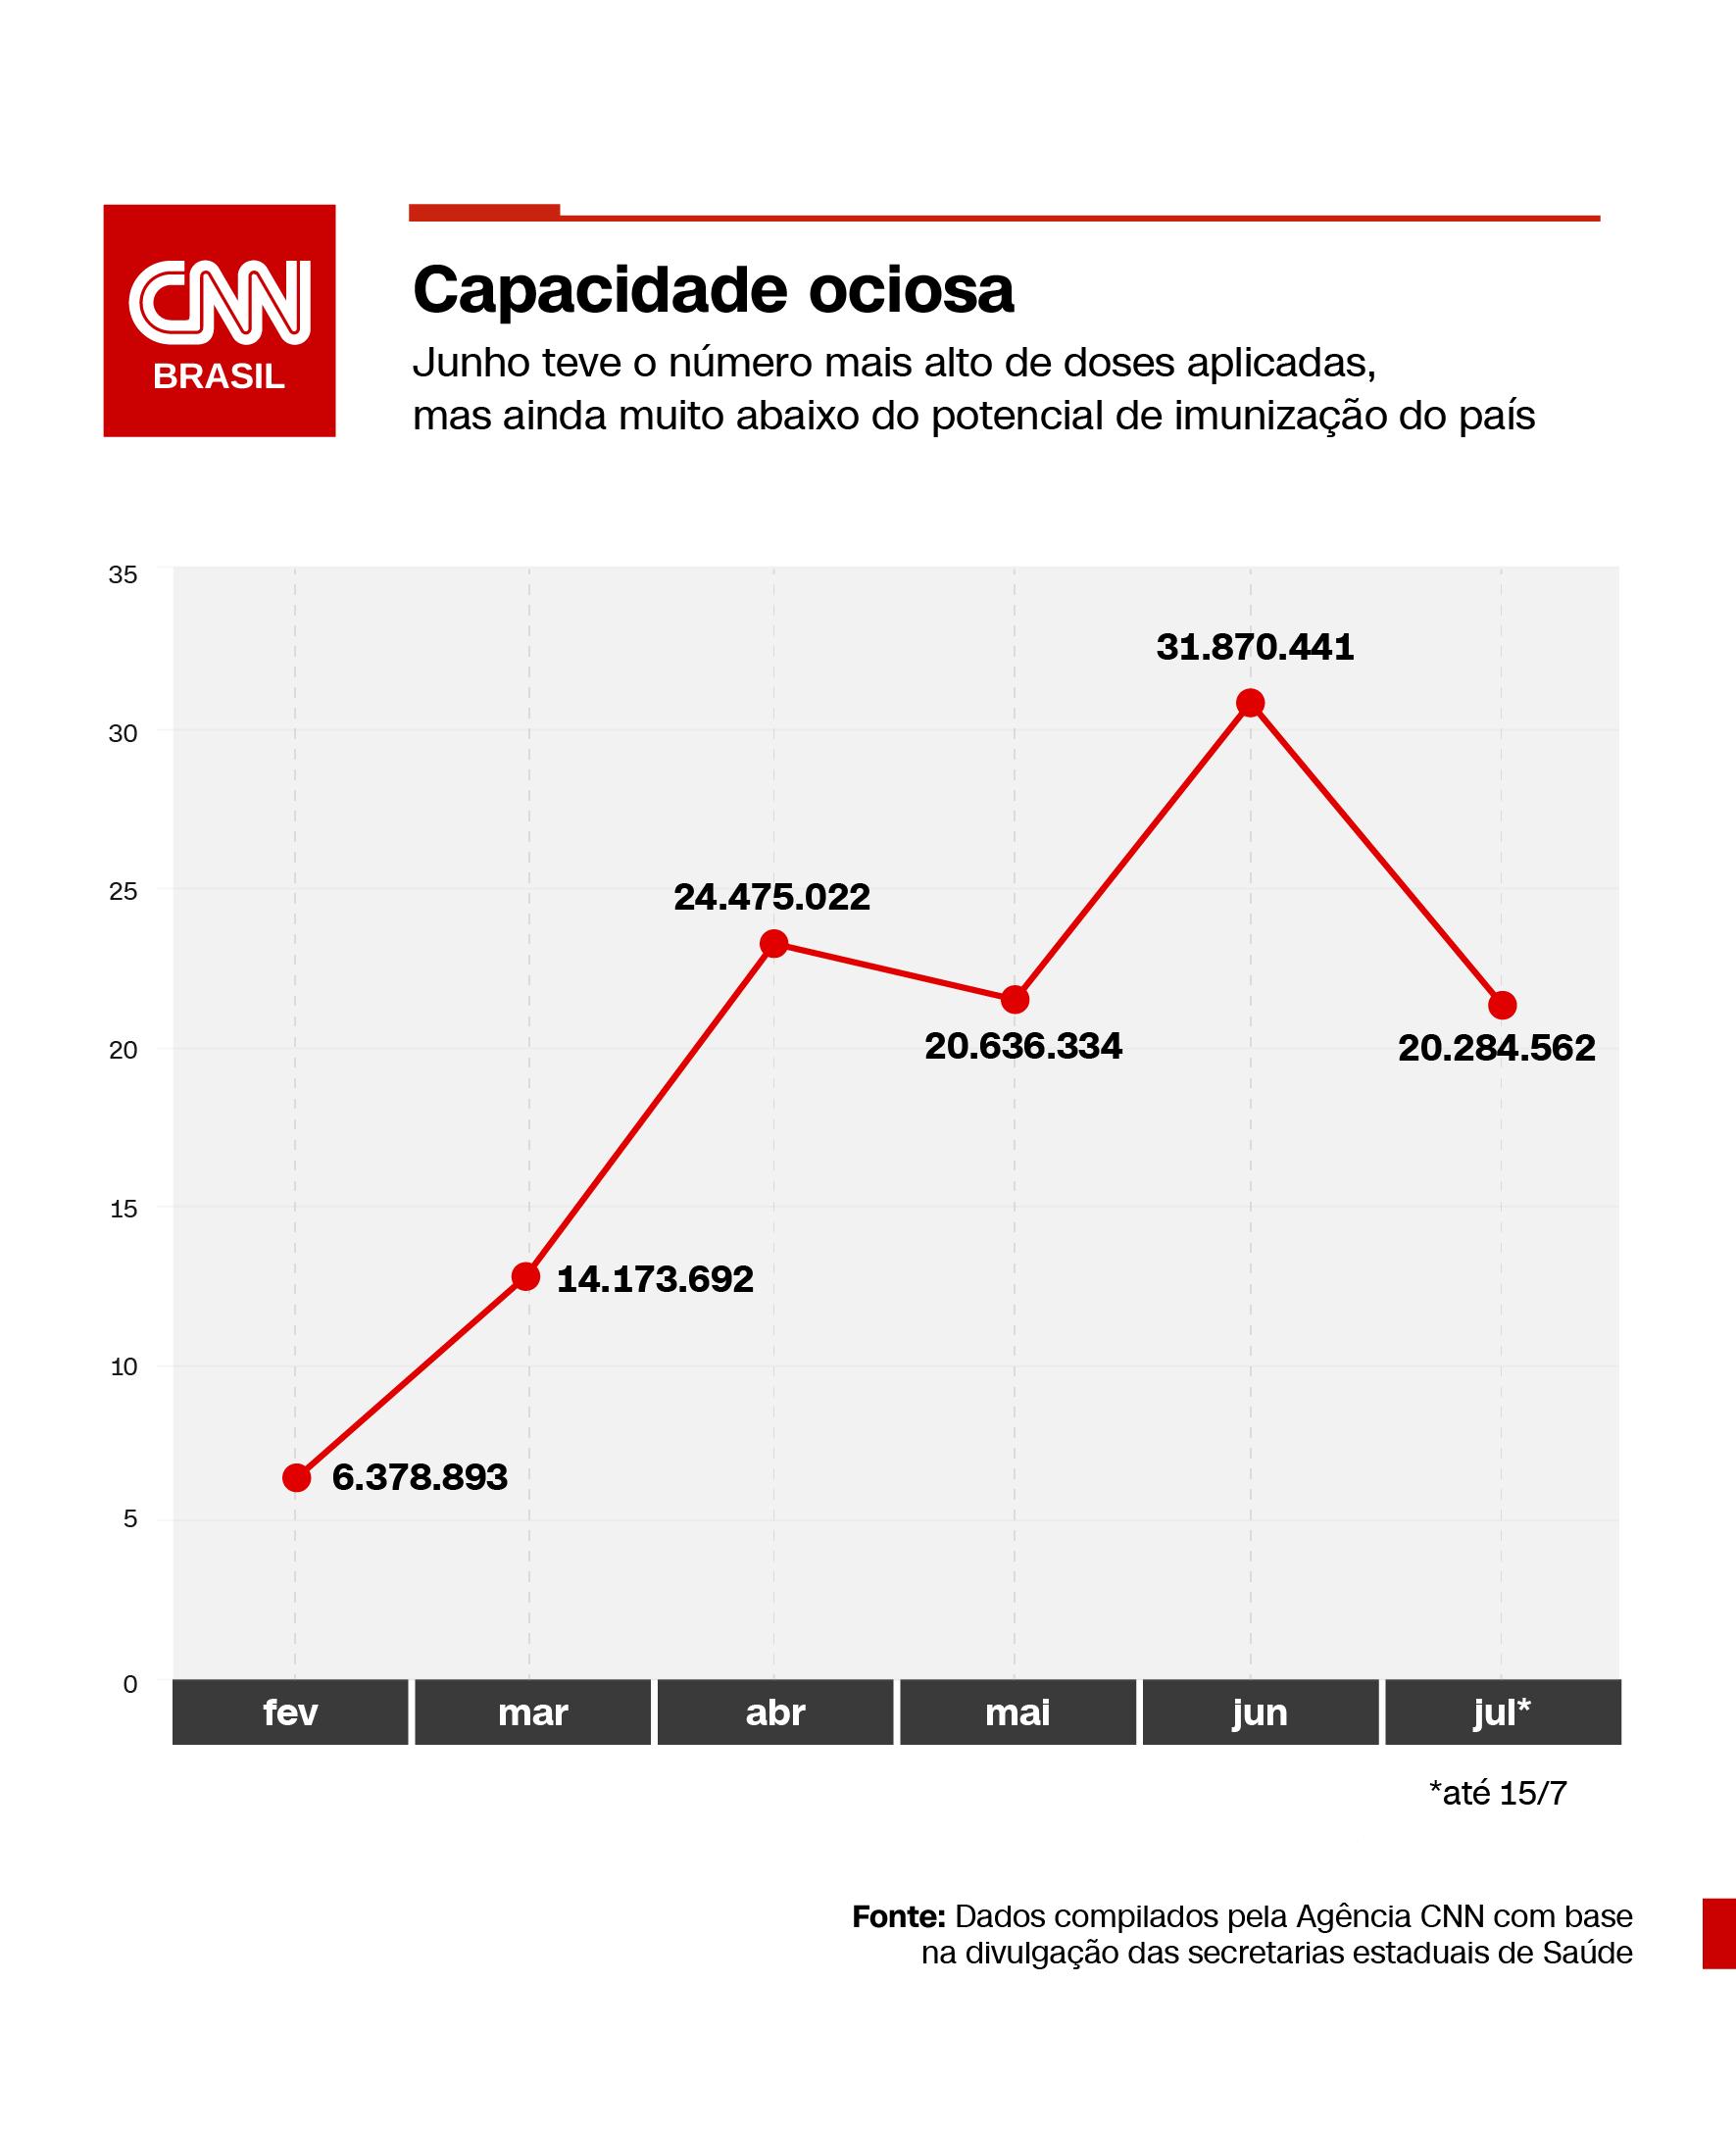 Doses contra a Covid-19 aplicadas mês a mês no Brasil